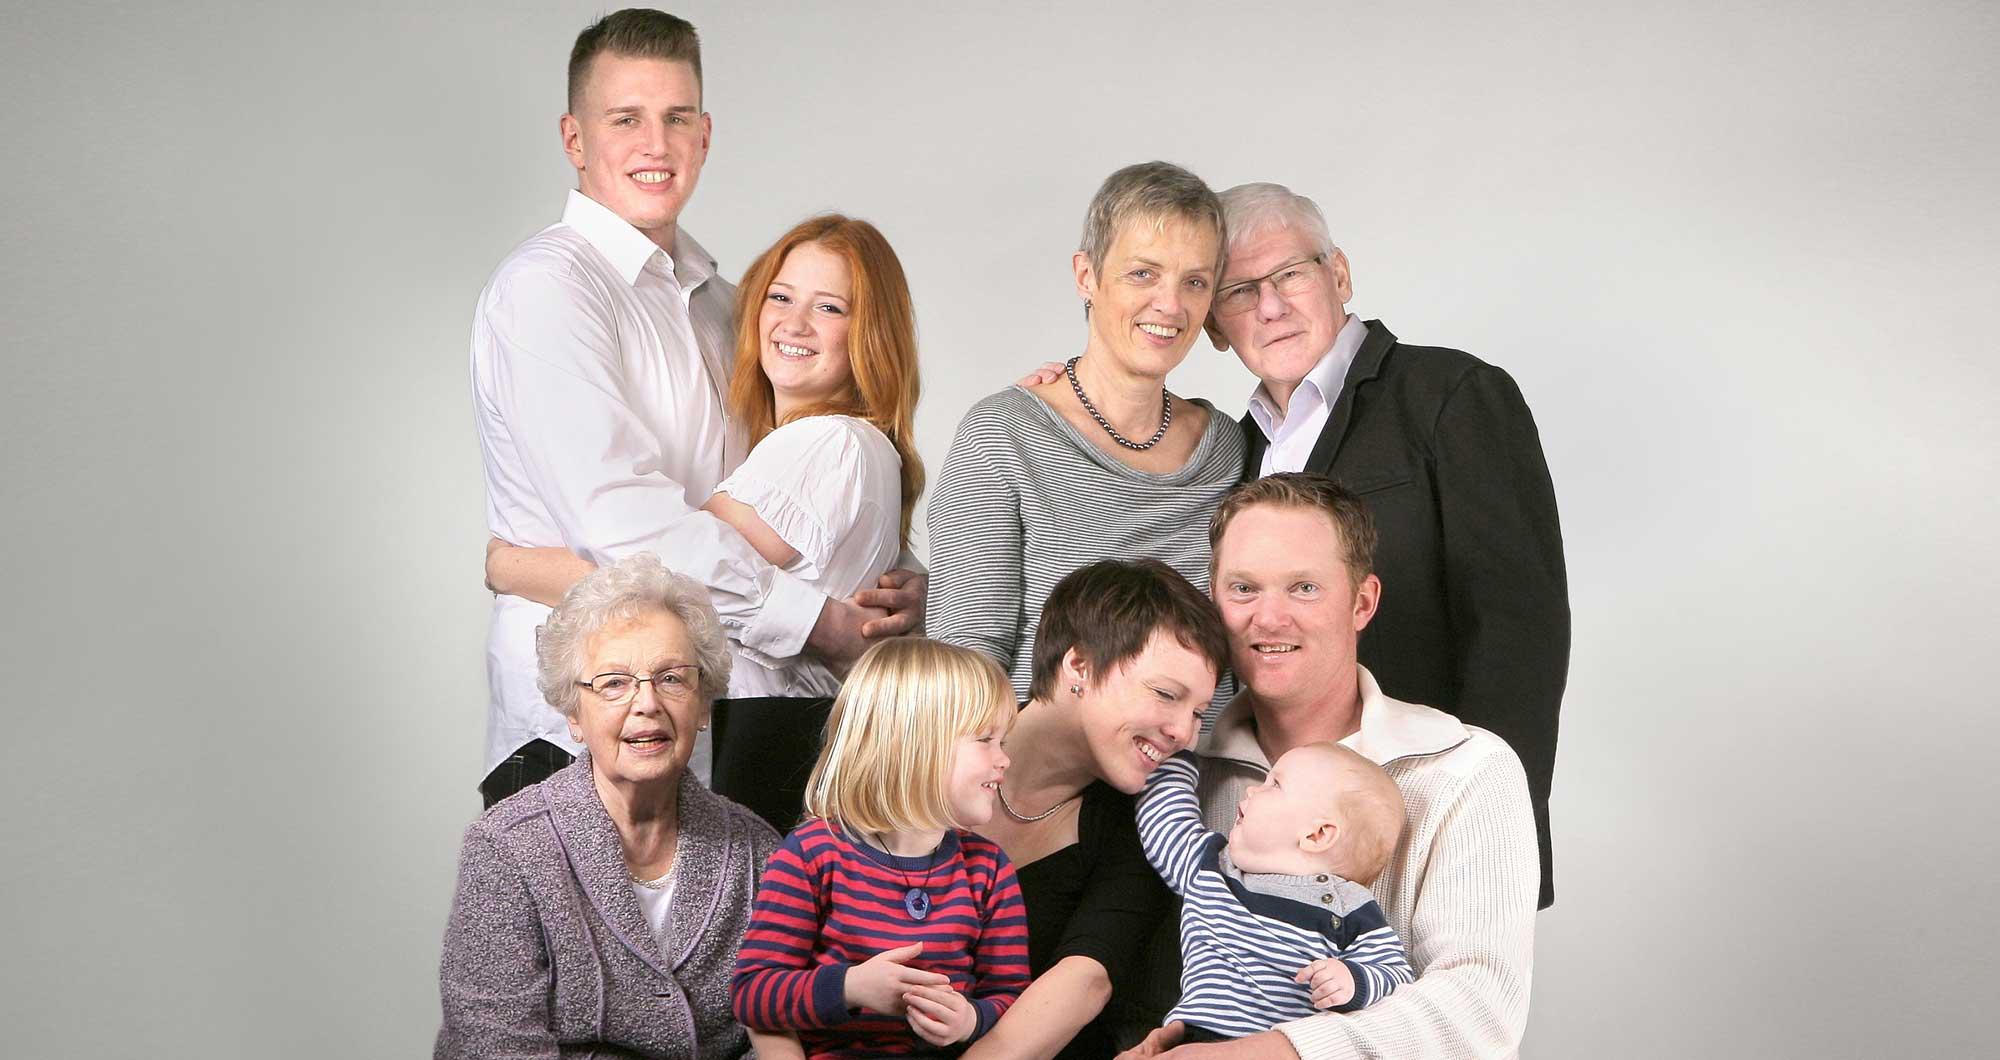 familieundkinderfoto-lenzvonkolkow24